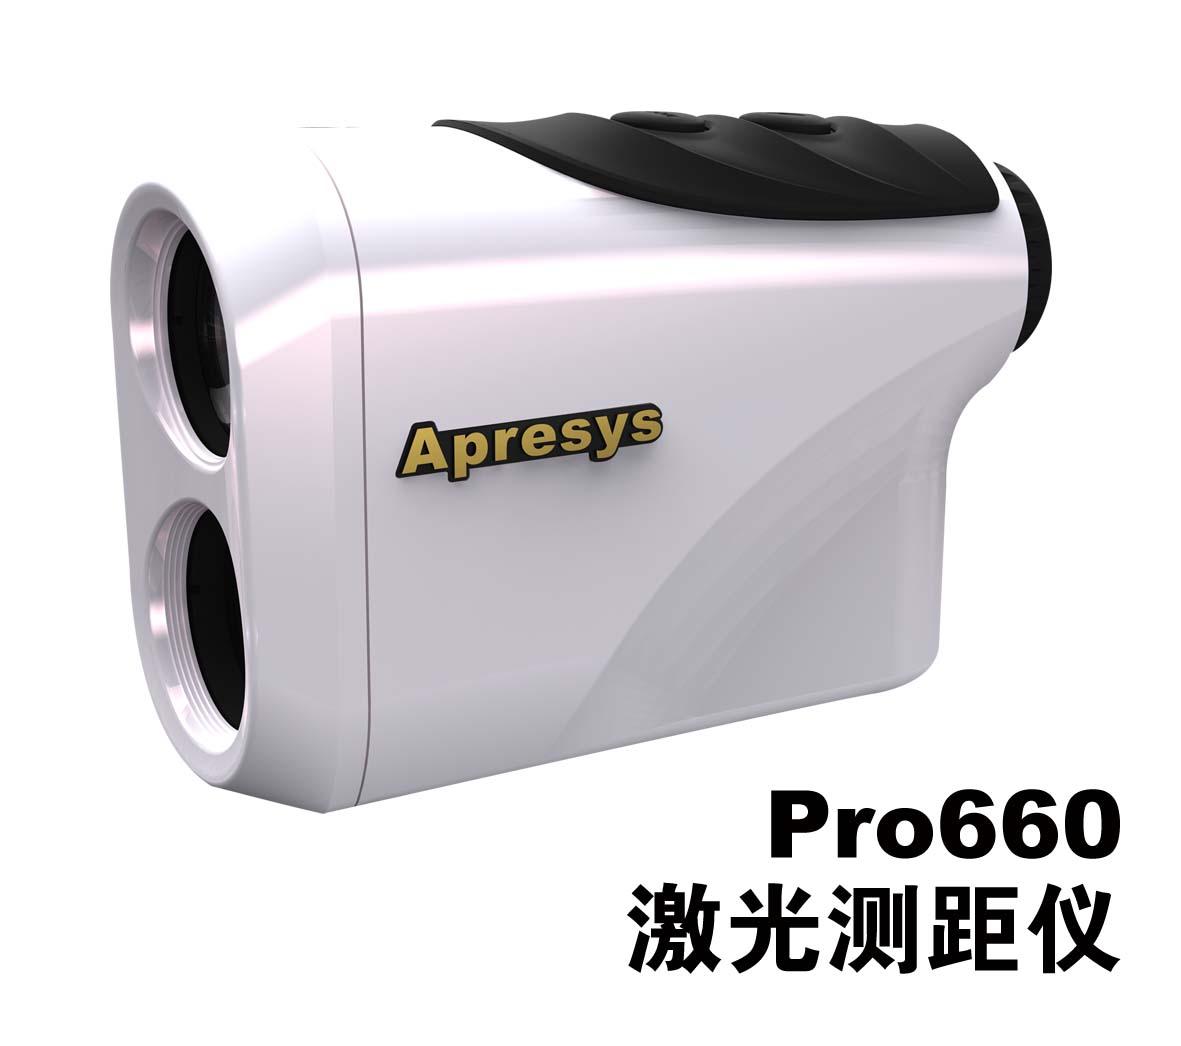 美国艾普瑞PRO660激光测距仪